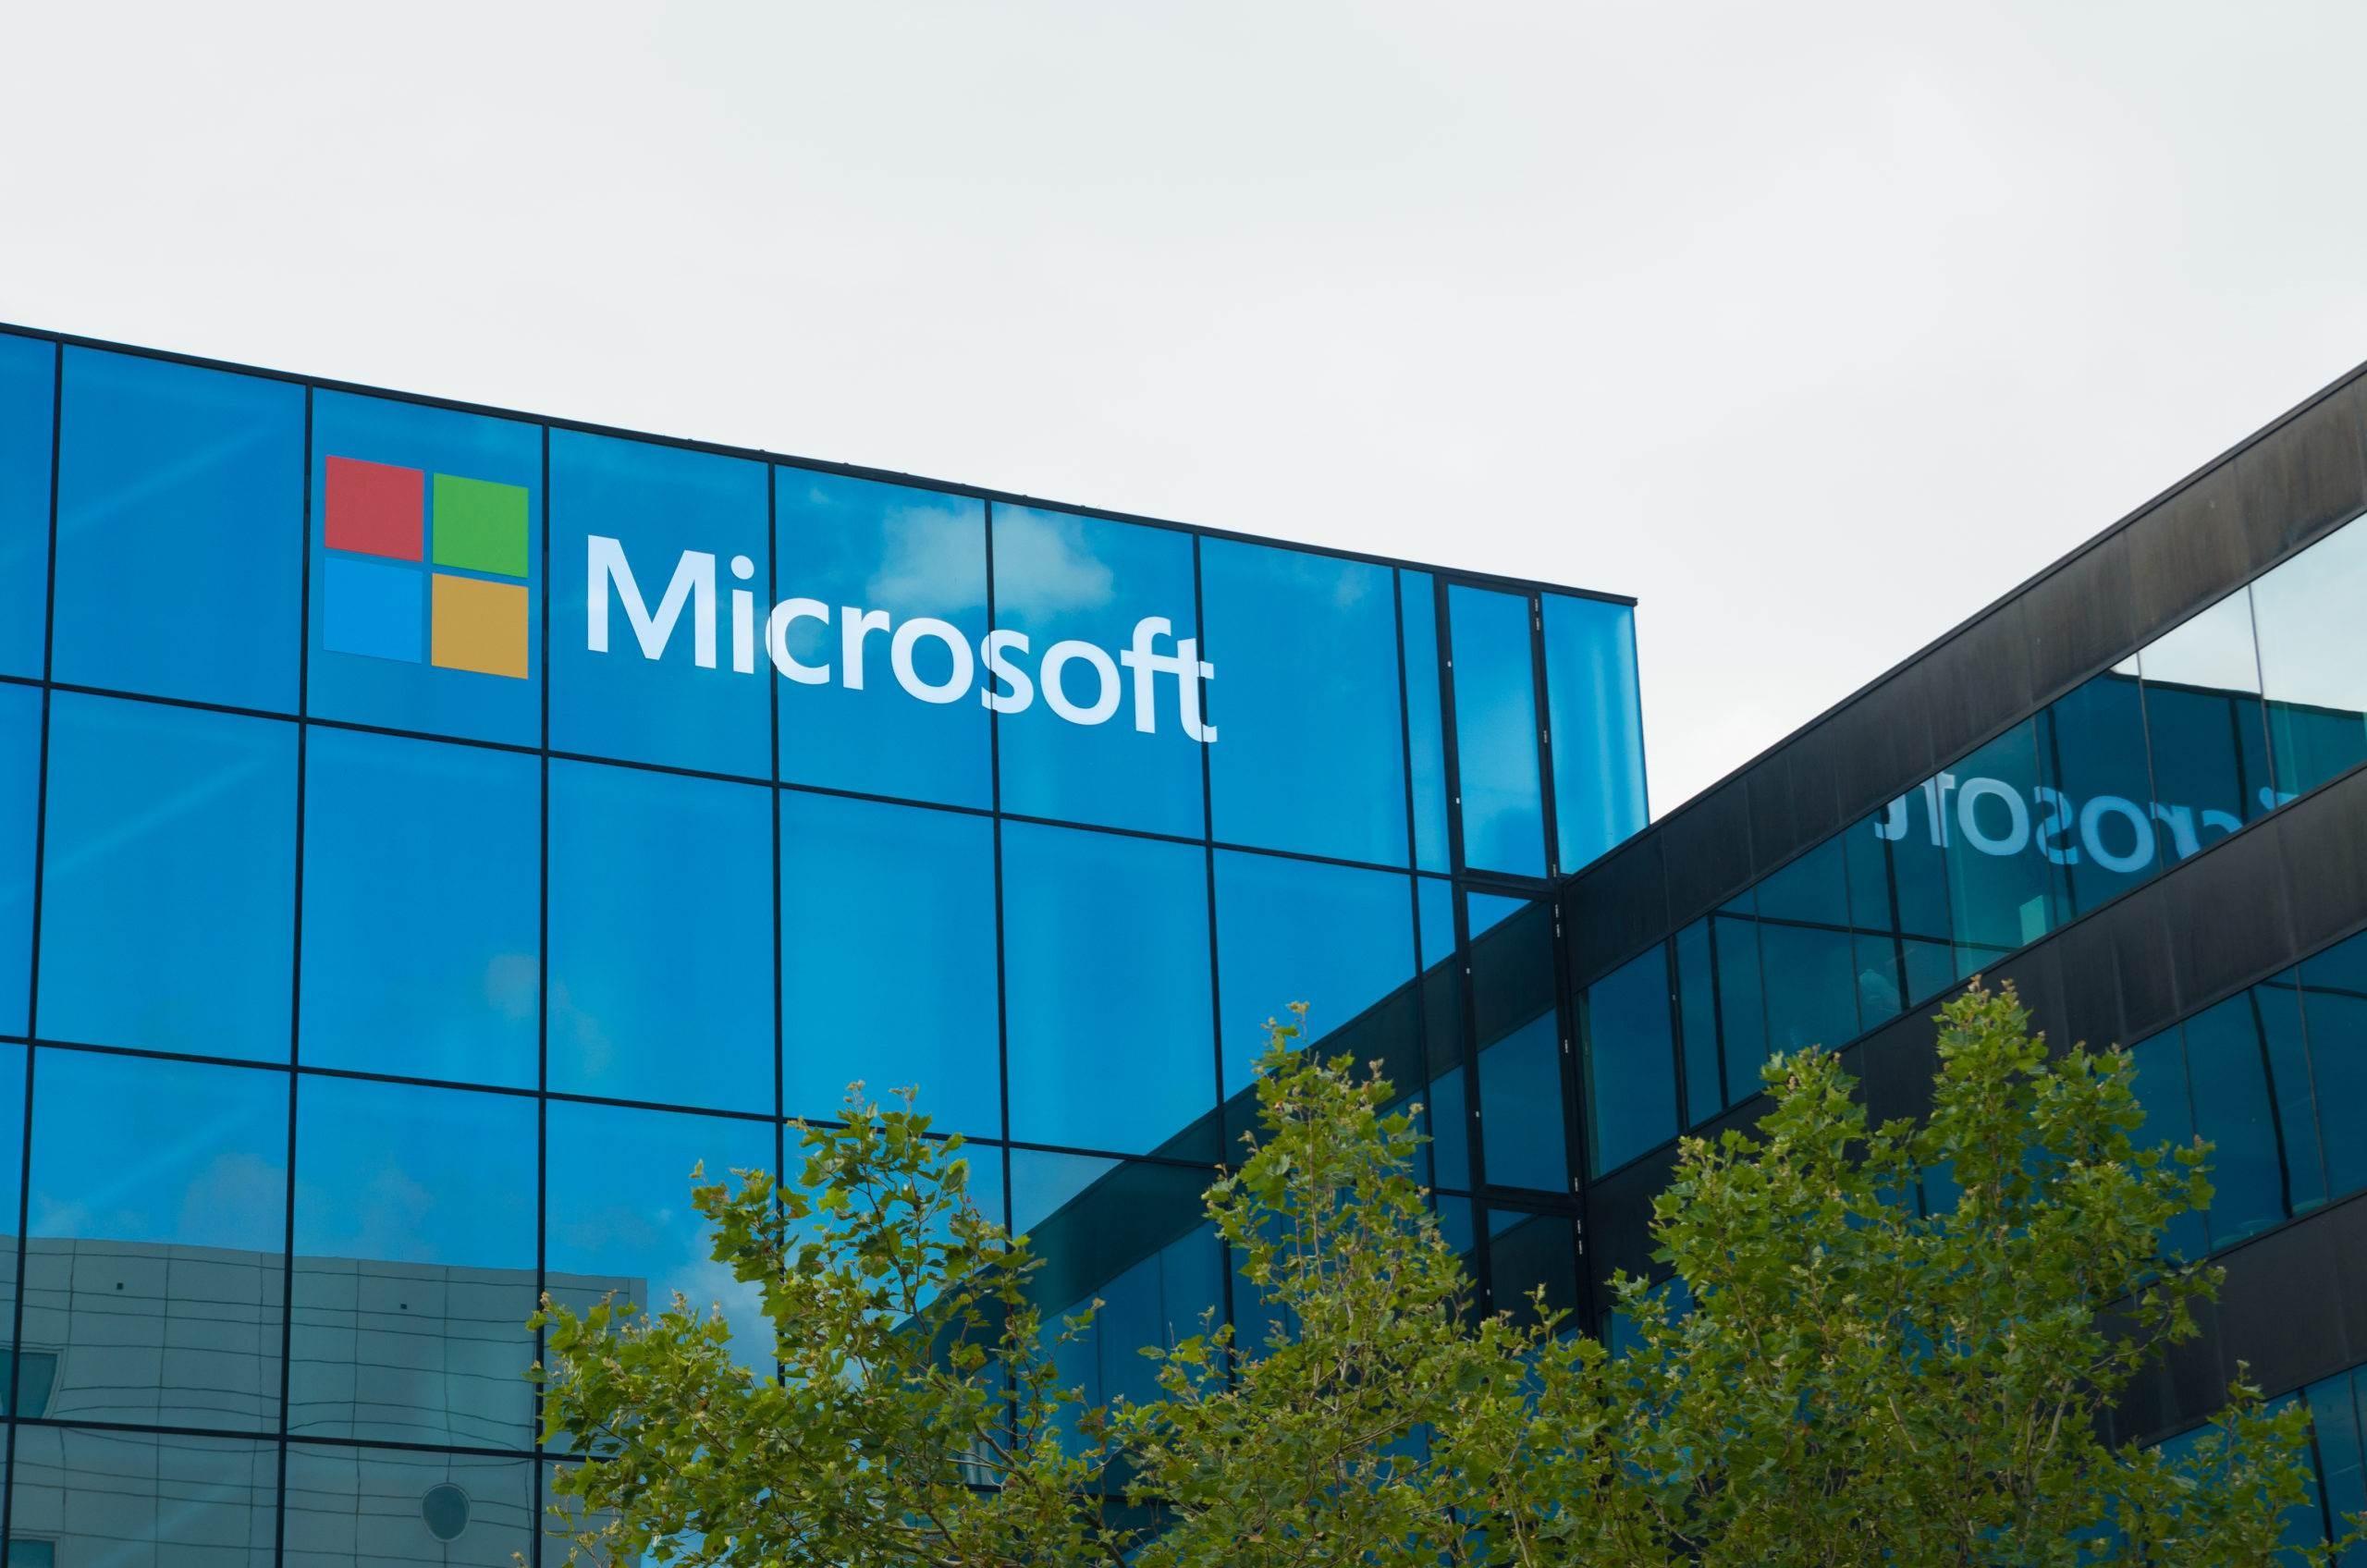 مايكروسوفت: لن نبيع تكنولوجيا التعرف إلى الوجه لإدارات الشرطة الأميركية